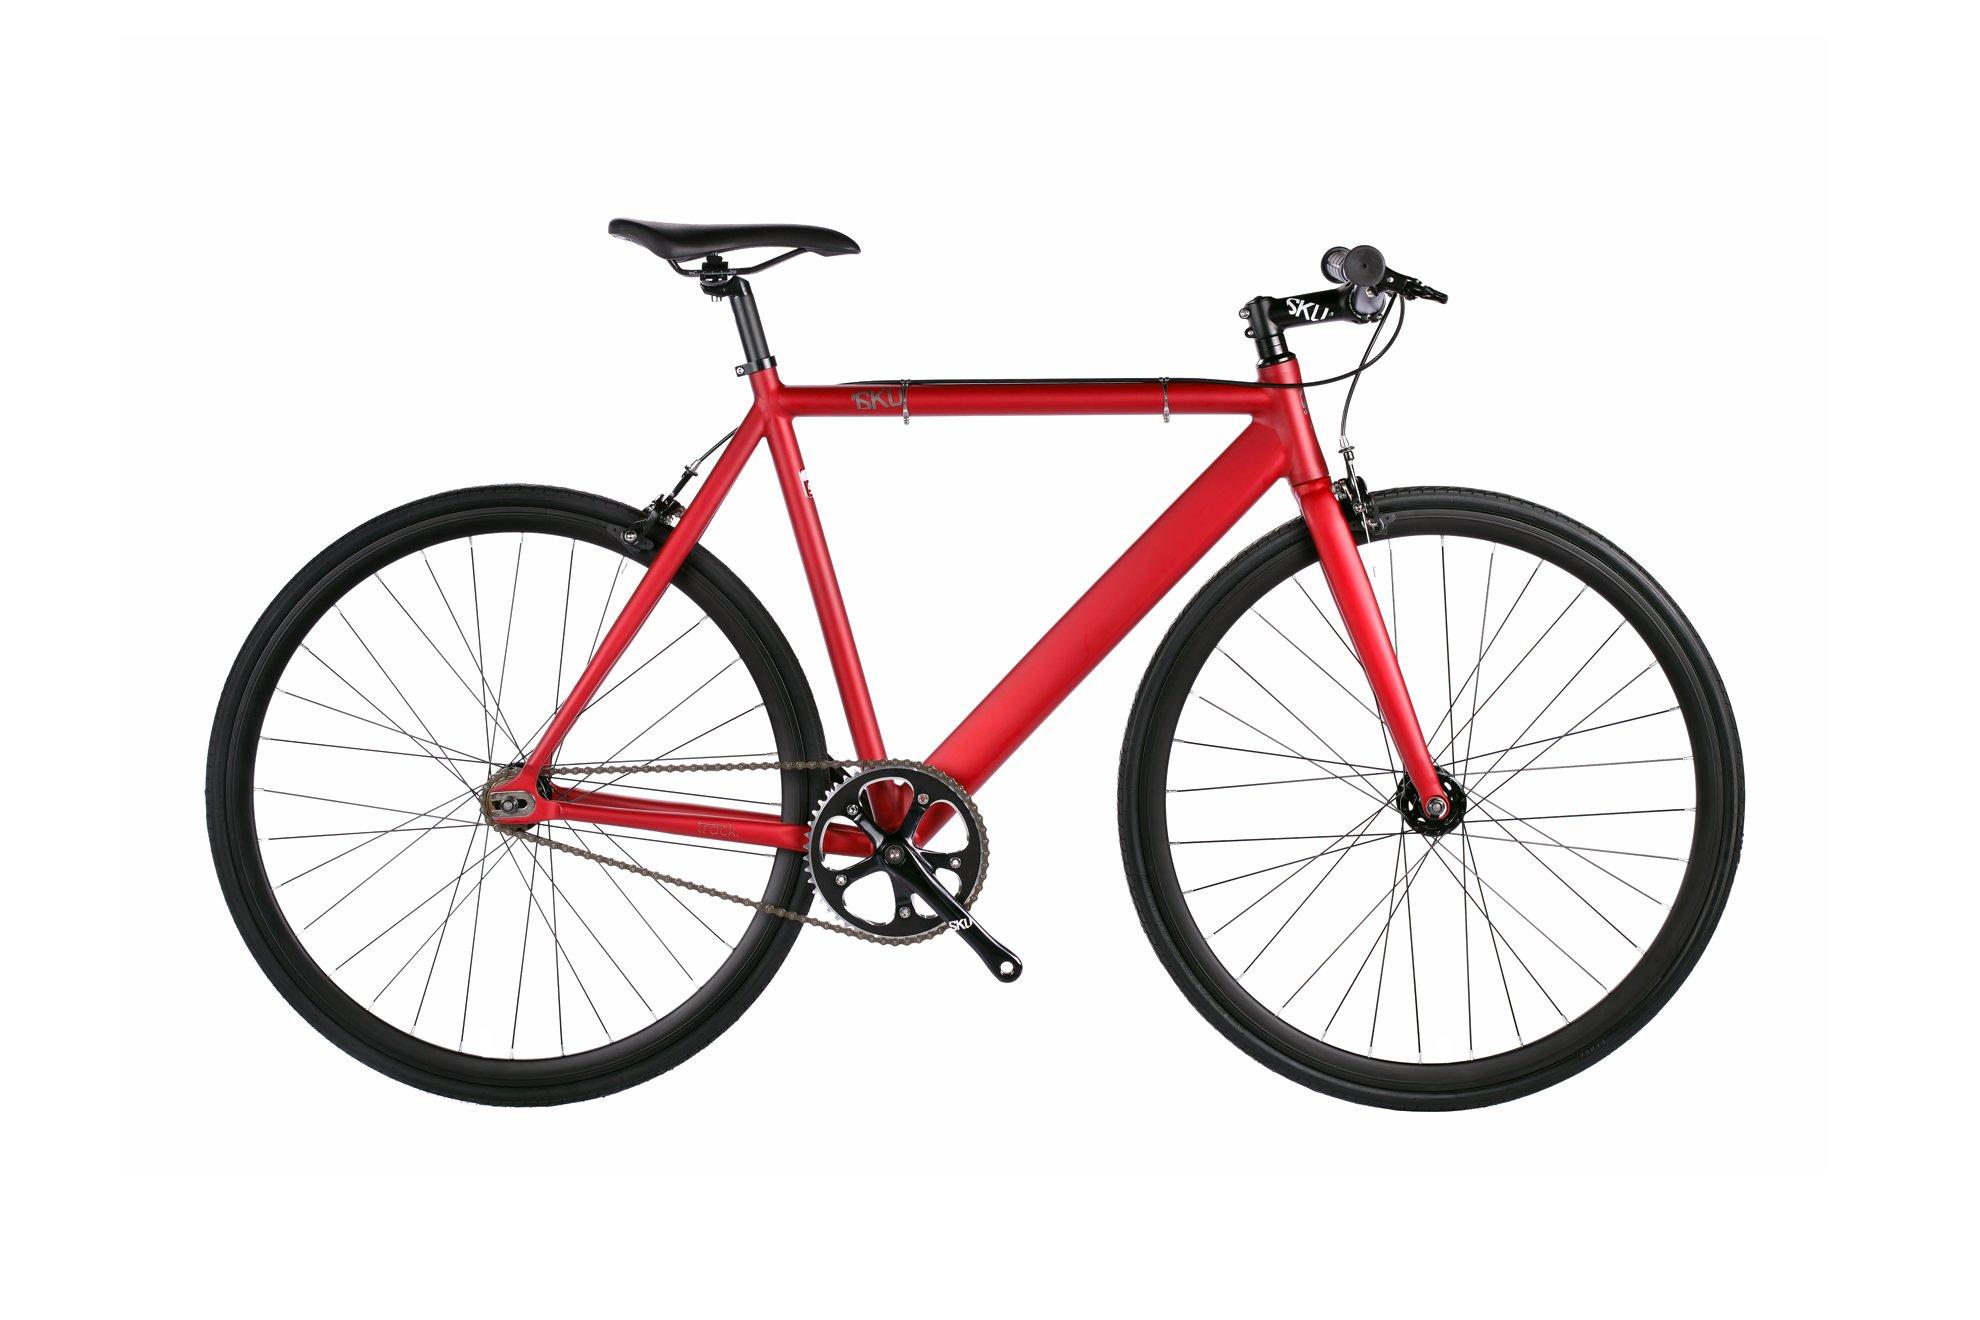 Bicicleta de pista urbana Fixie de 6 KU de aluminio con engranaje fijo de una sola velocidad: Amazon.es: Deportes y aire libre